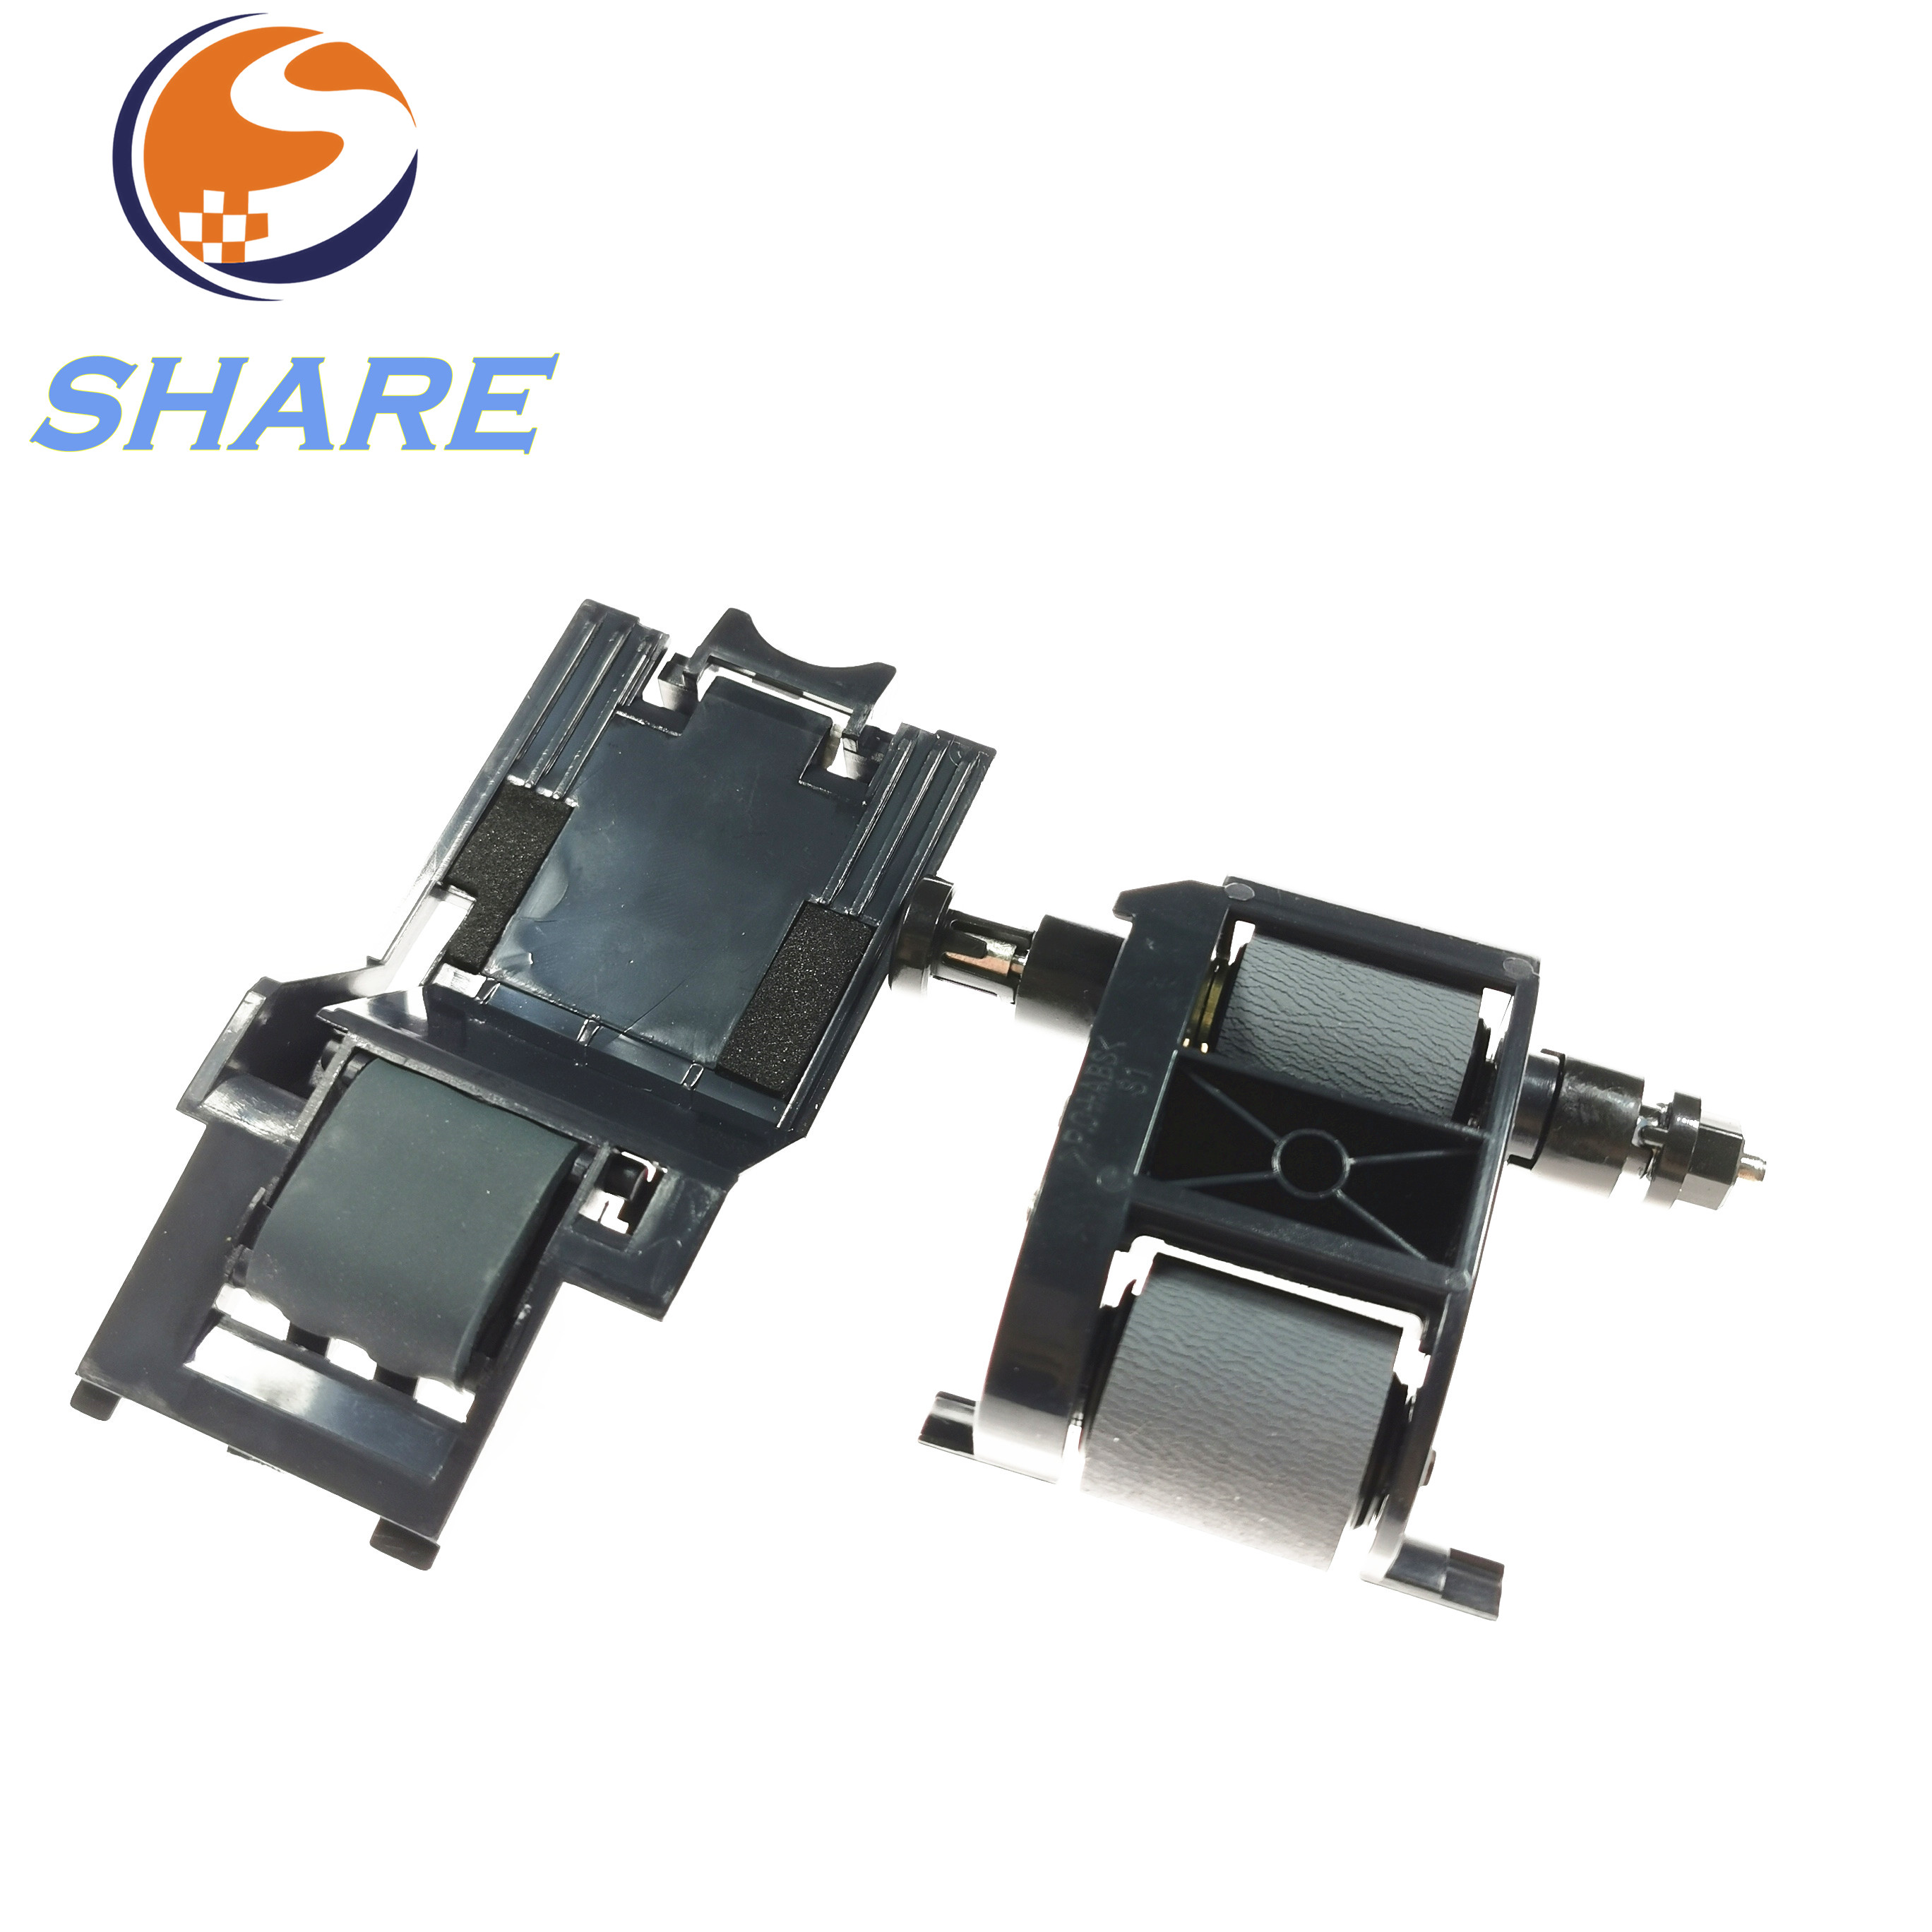 SHARE New L2718A ADF Roller Kit For HP M575 M680 M630 M525 M725 651 M775 L2725-60002 ScanJet 7500 Series